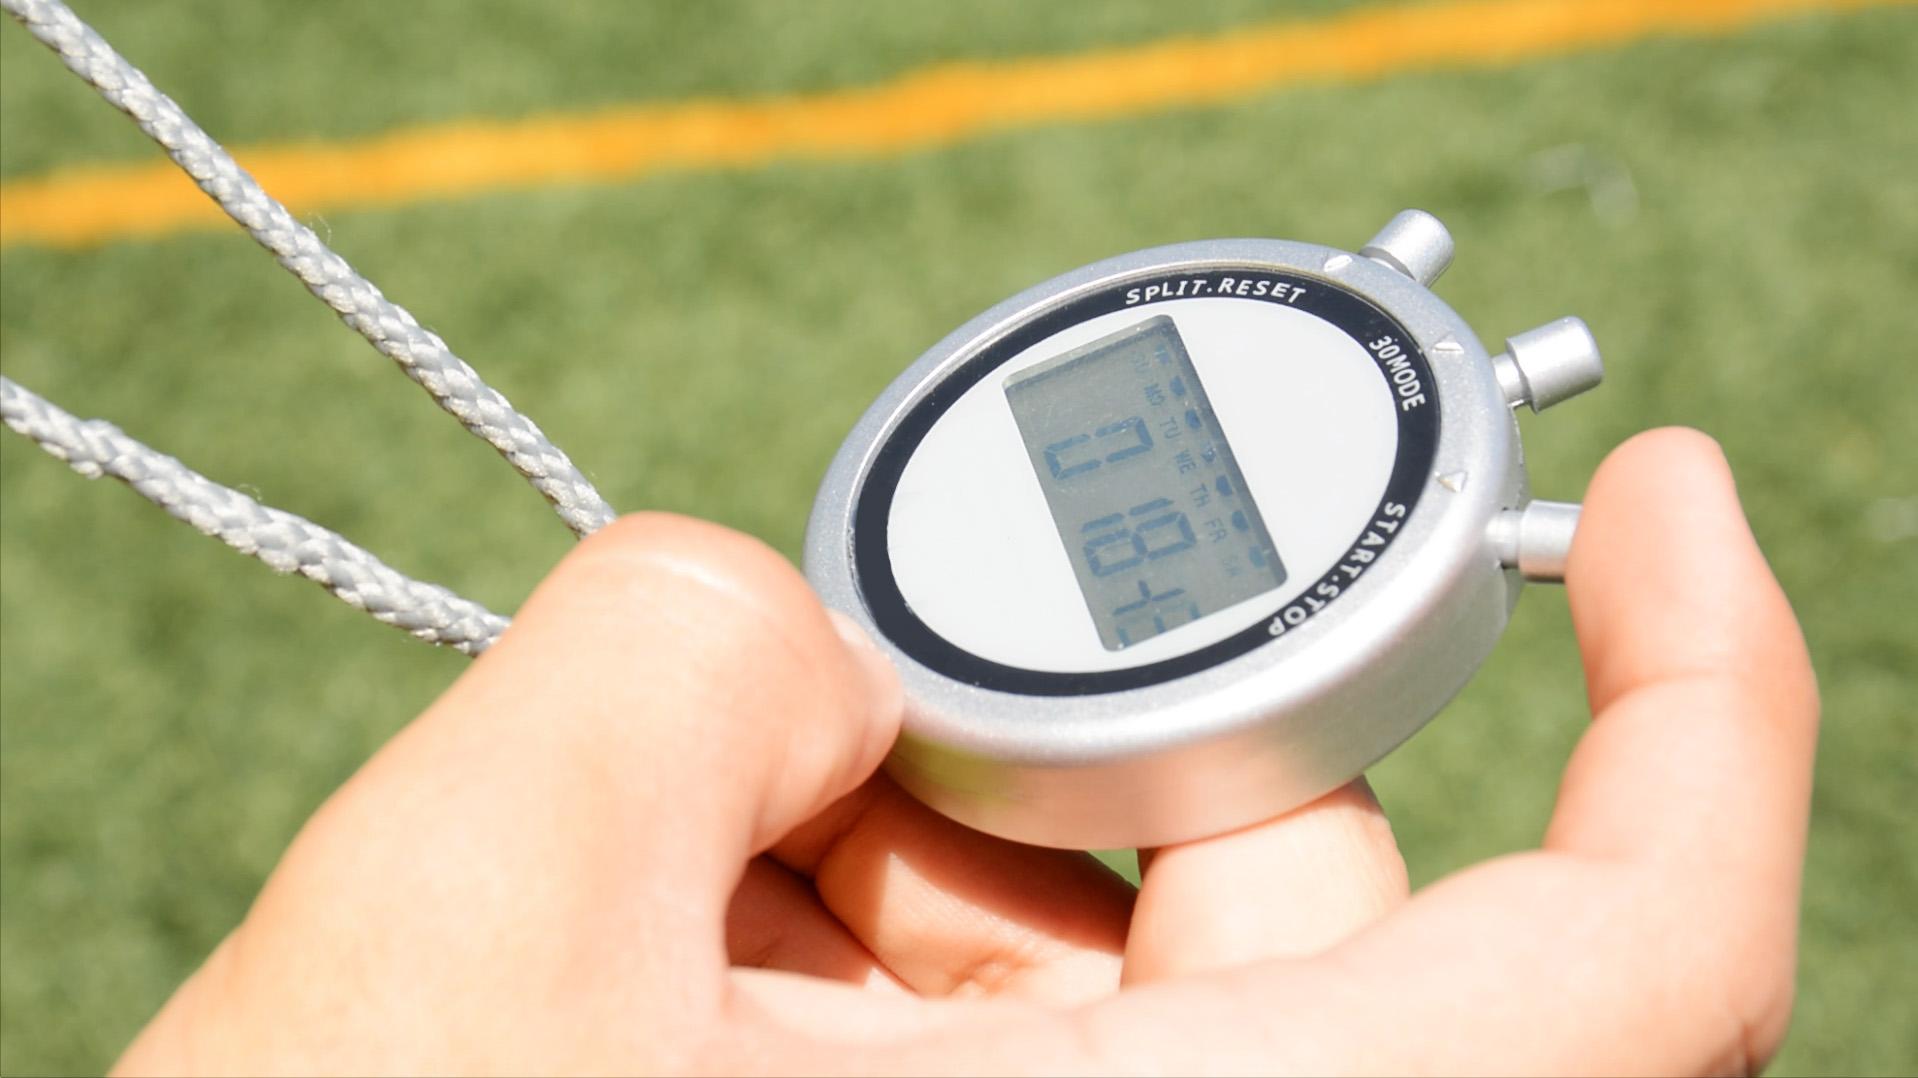 cronometro deportivo en entrenamiento